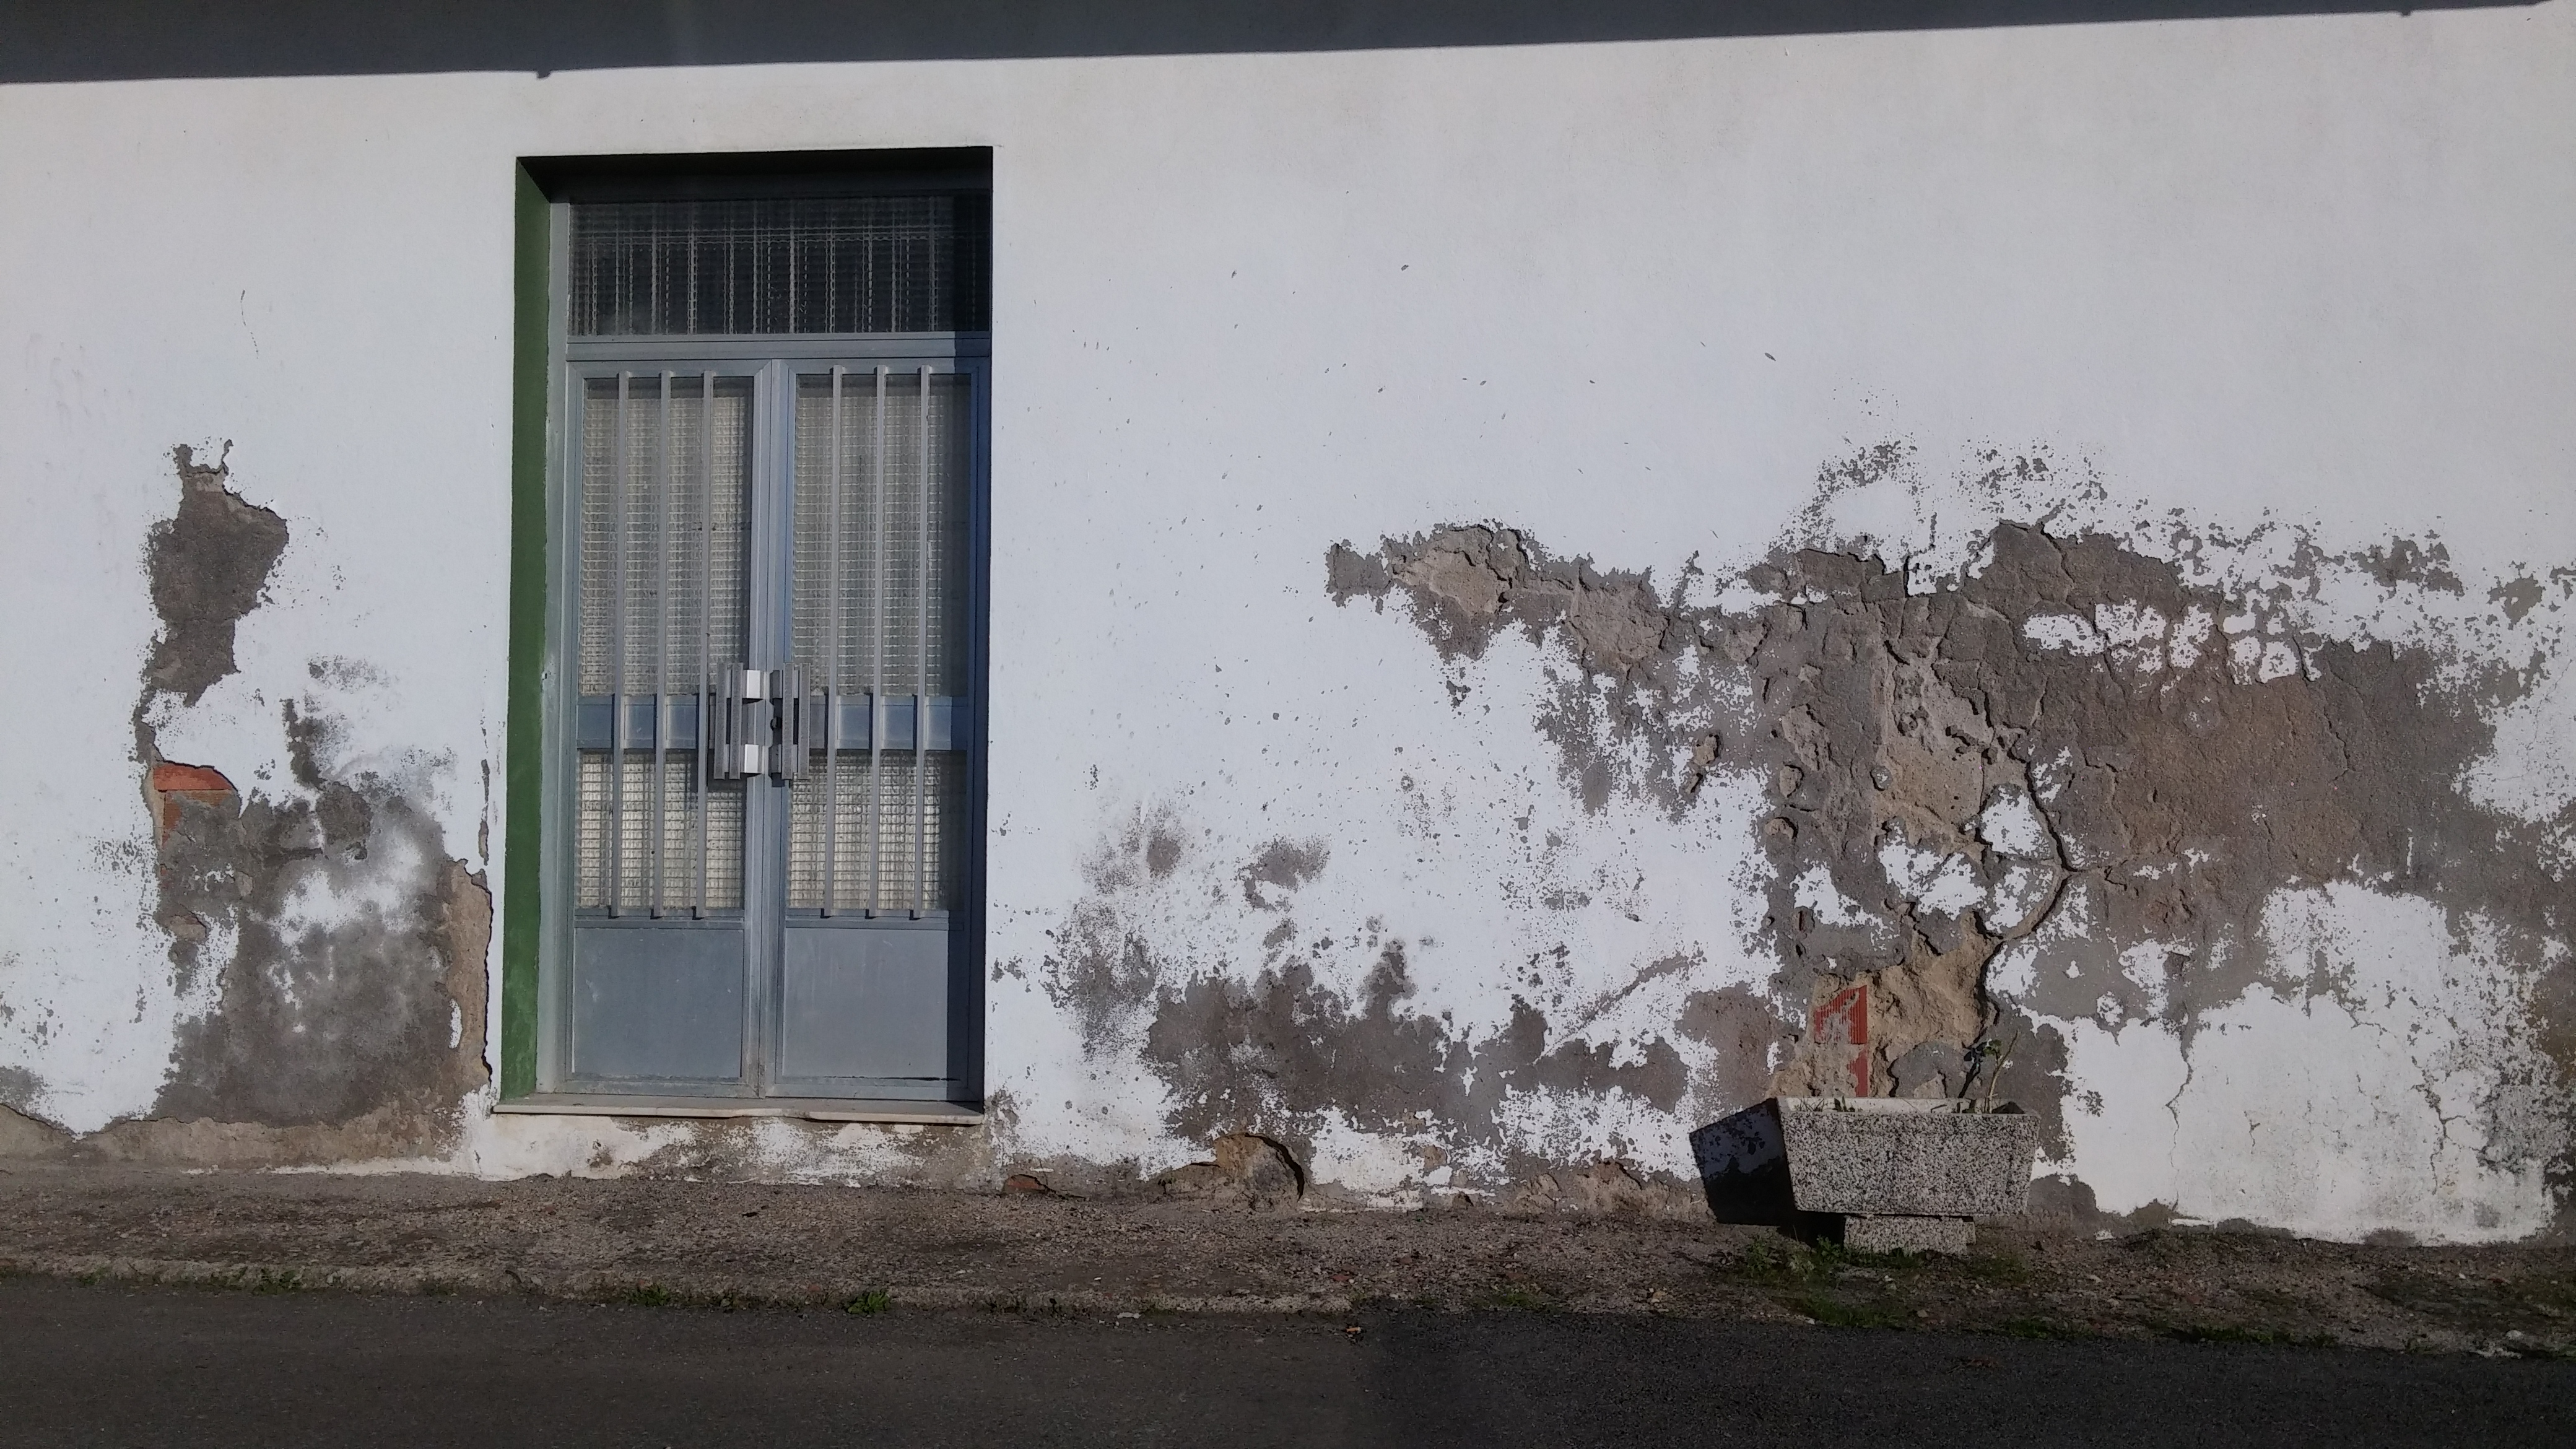 Soluciona los problemas de capilaridad ascendente con - Humedad por condensacion en paredes ...